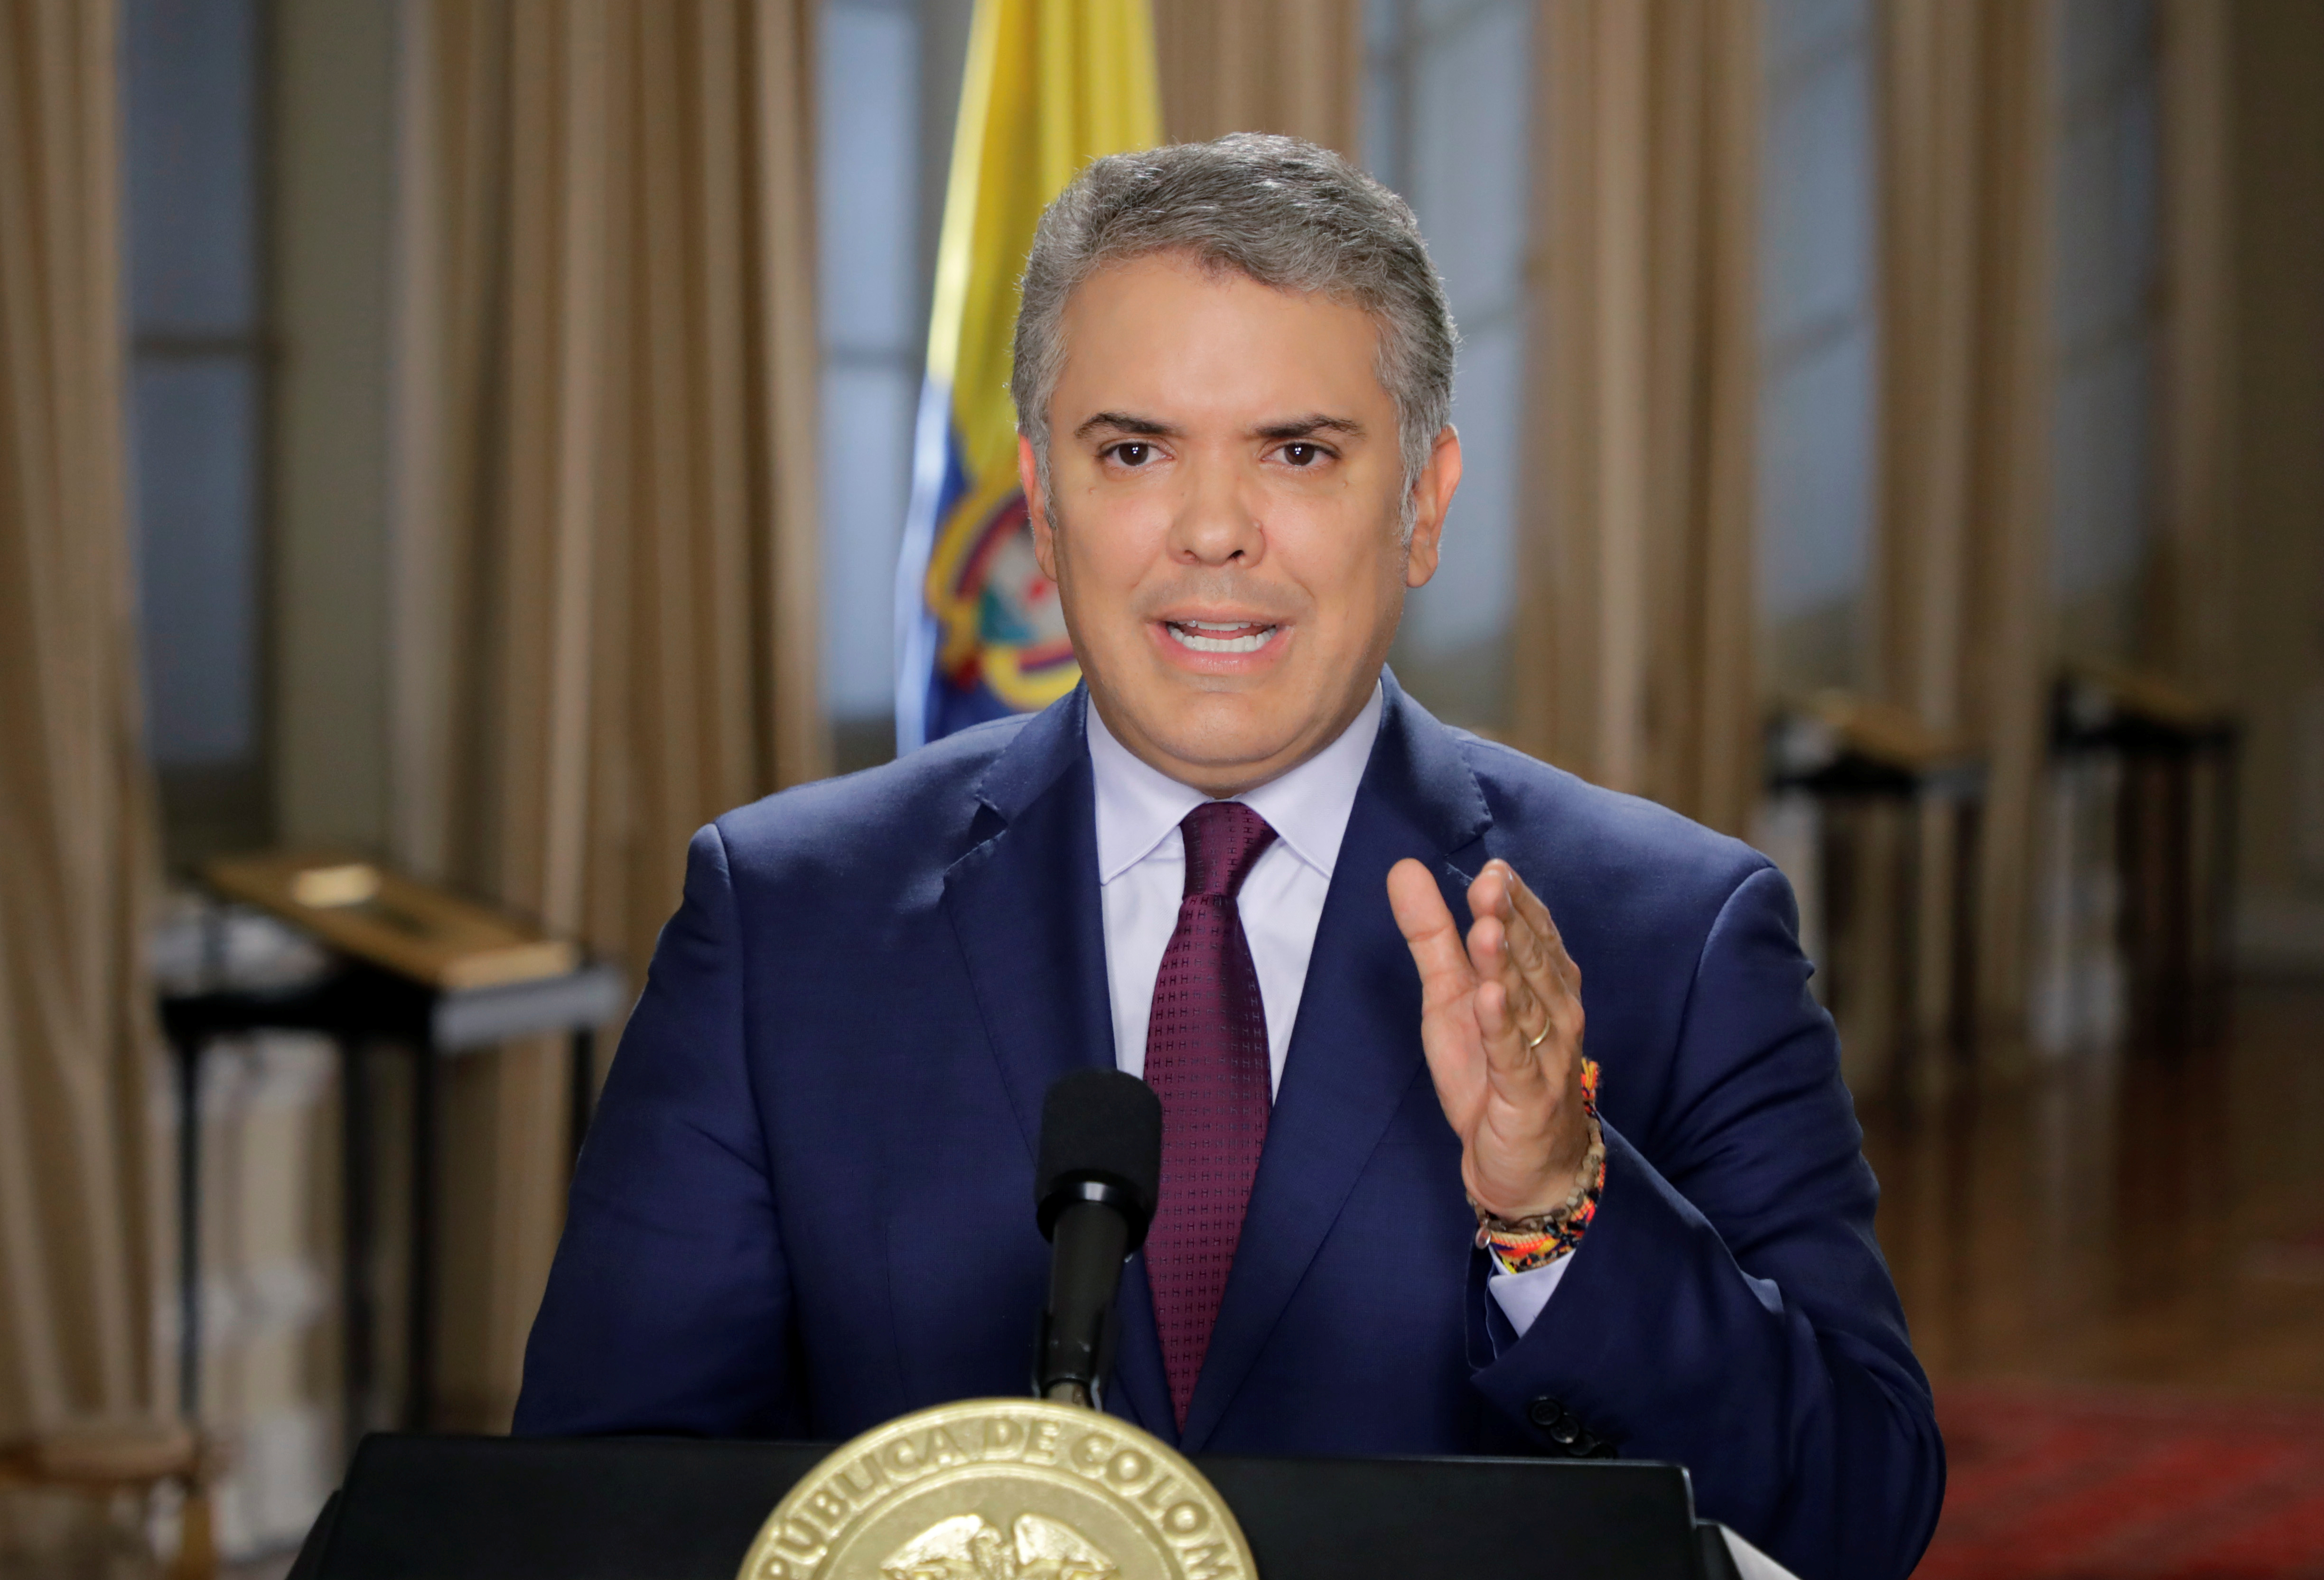 abel_resende_aol_quotes_ivan_duque_aseguro_que_las_instituciones_no_permitiran_que_haya_impunidad_en_colombia_tras_la_recaptura_de_jesus_santrich.jpg